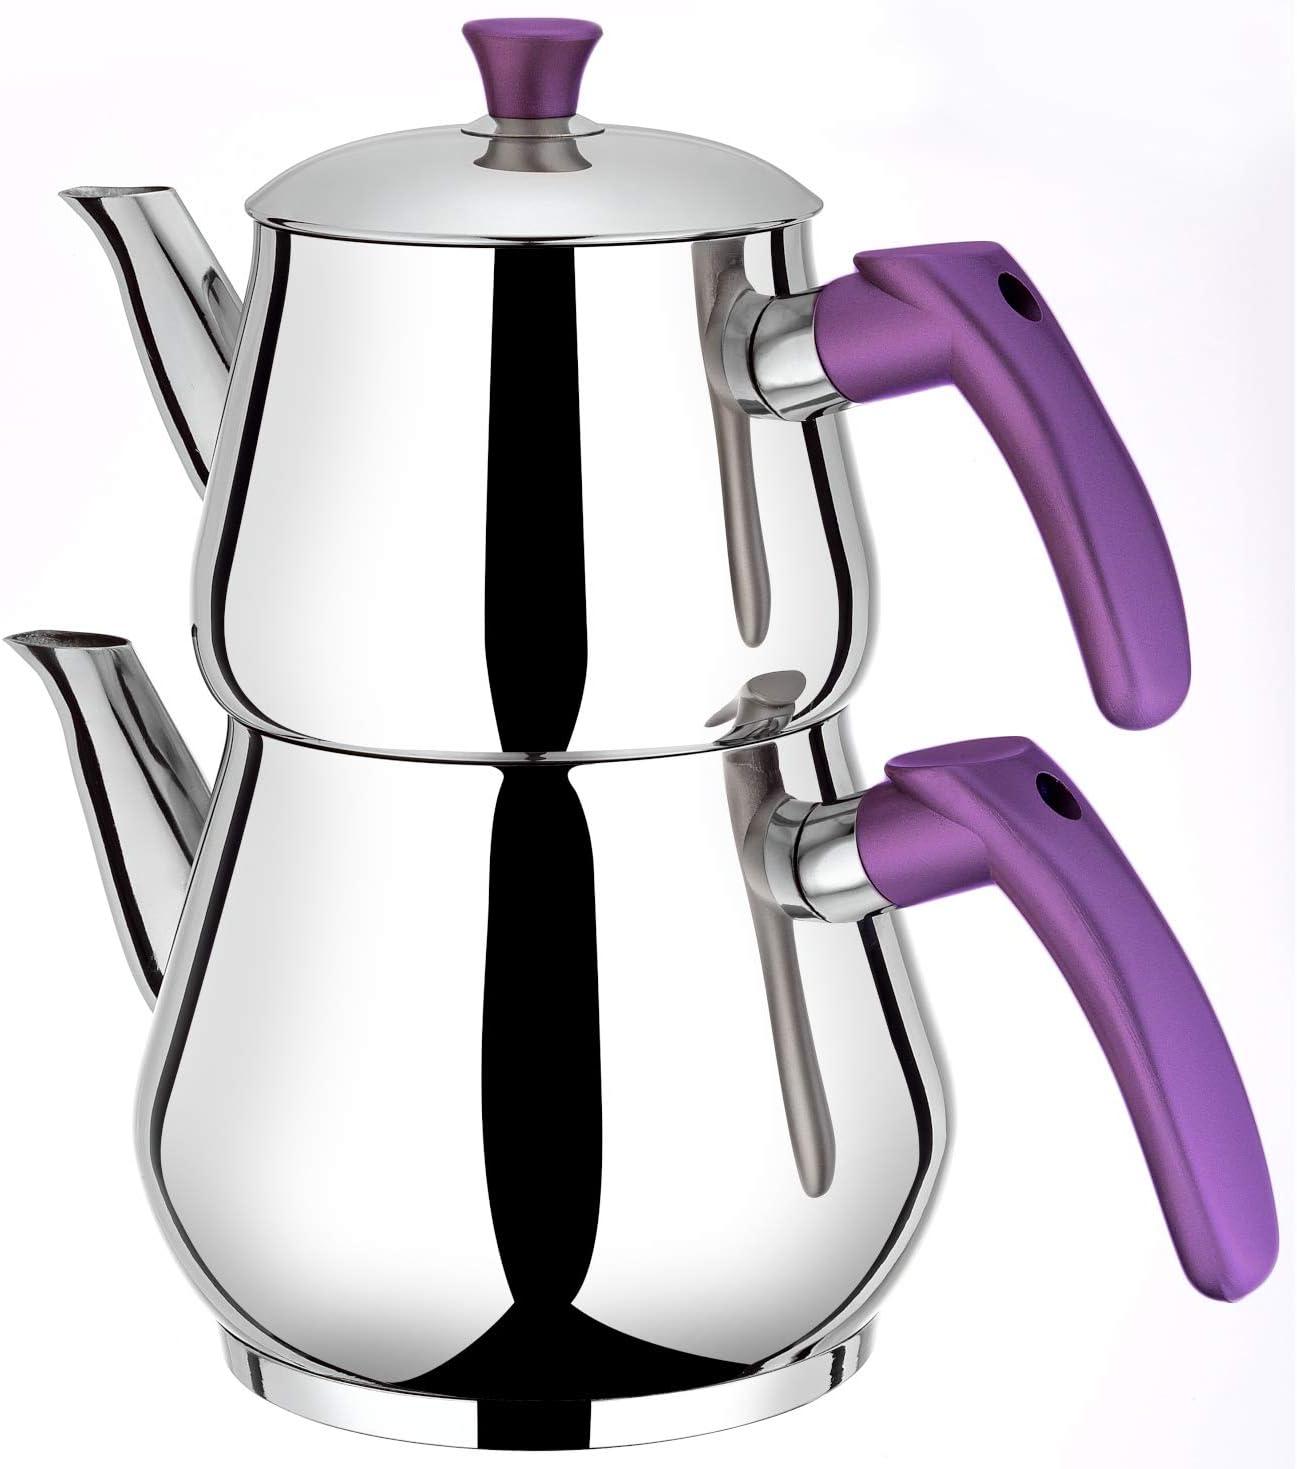 Induktion Teekanne Teekocher 2,0 L und 0,9 L Korkmaz A078-01 Kappa Caydanlik